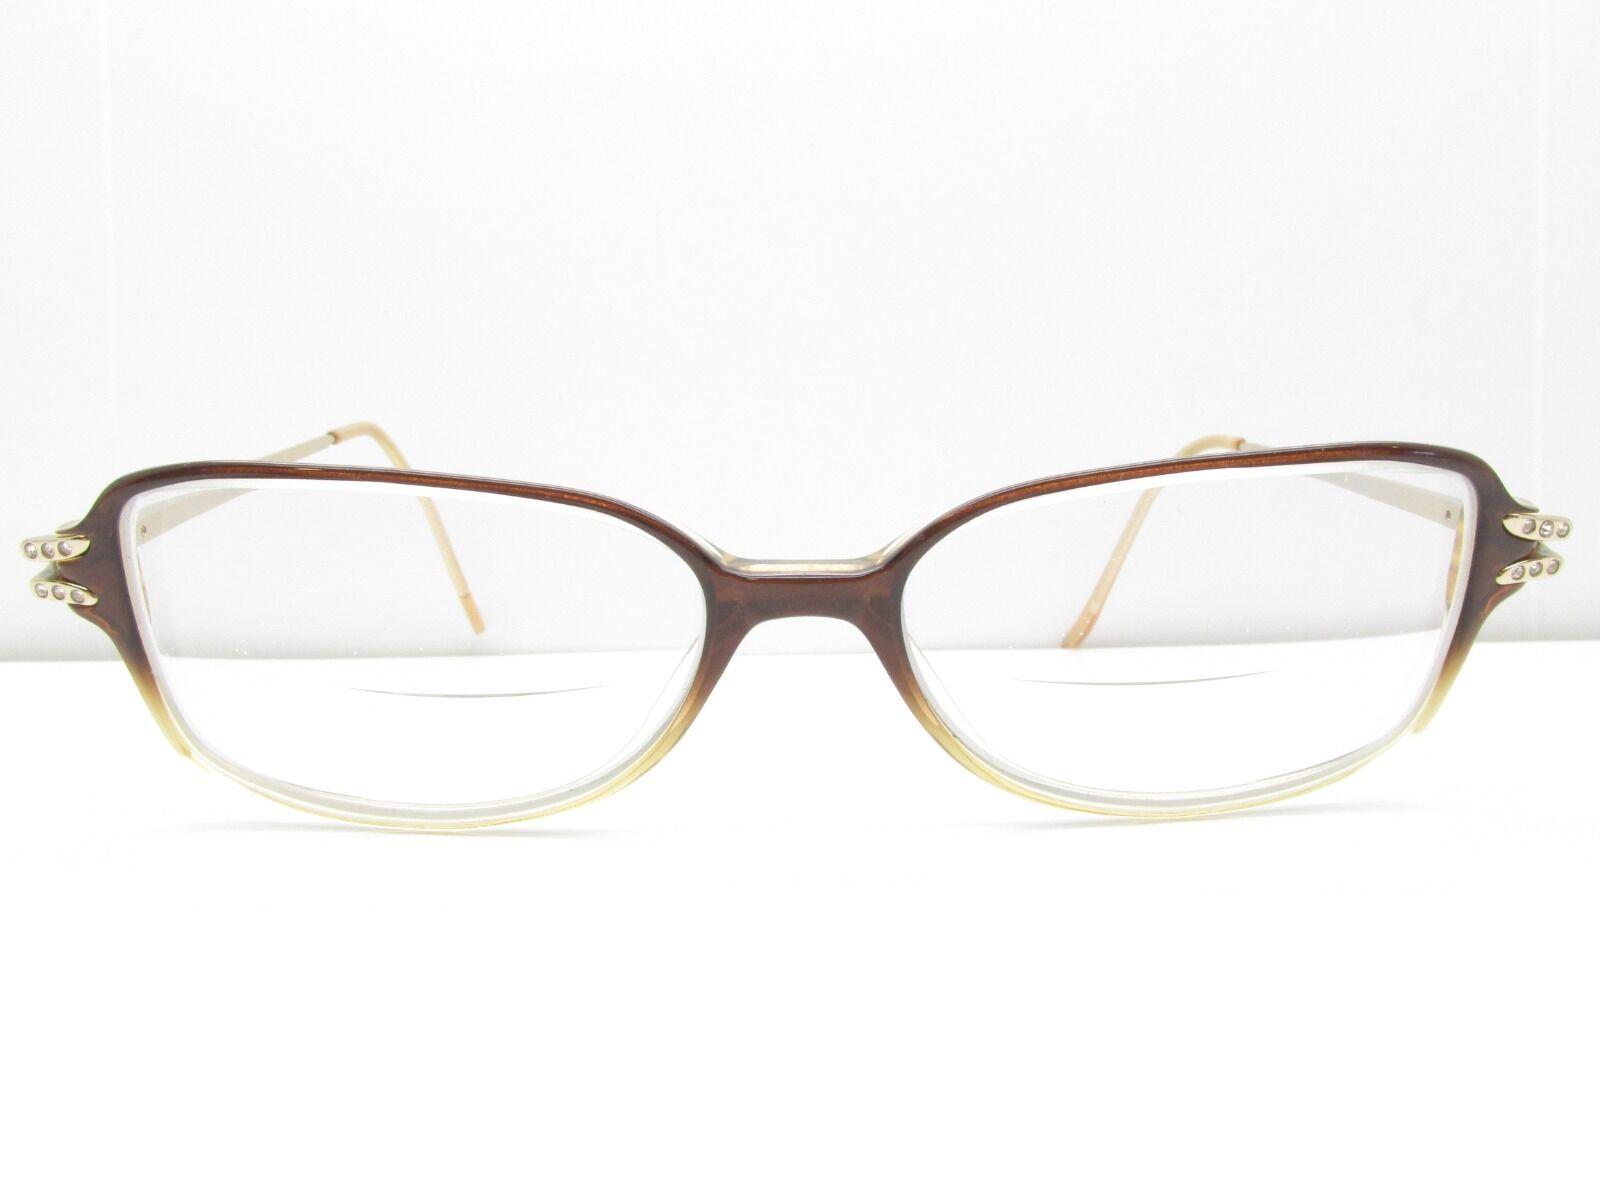 Marchon TRES Jolie 74 Eyeglasses Eyewear Frames 52-15-135 Tv6 80036a ...